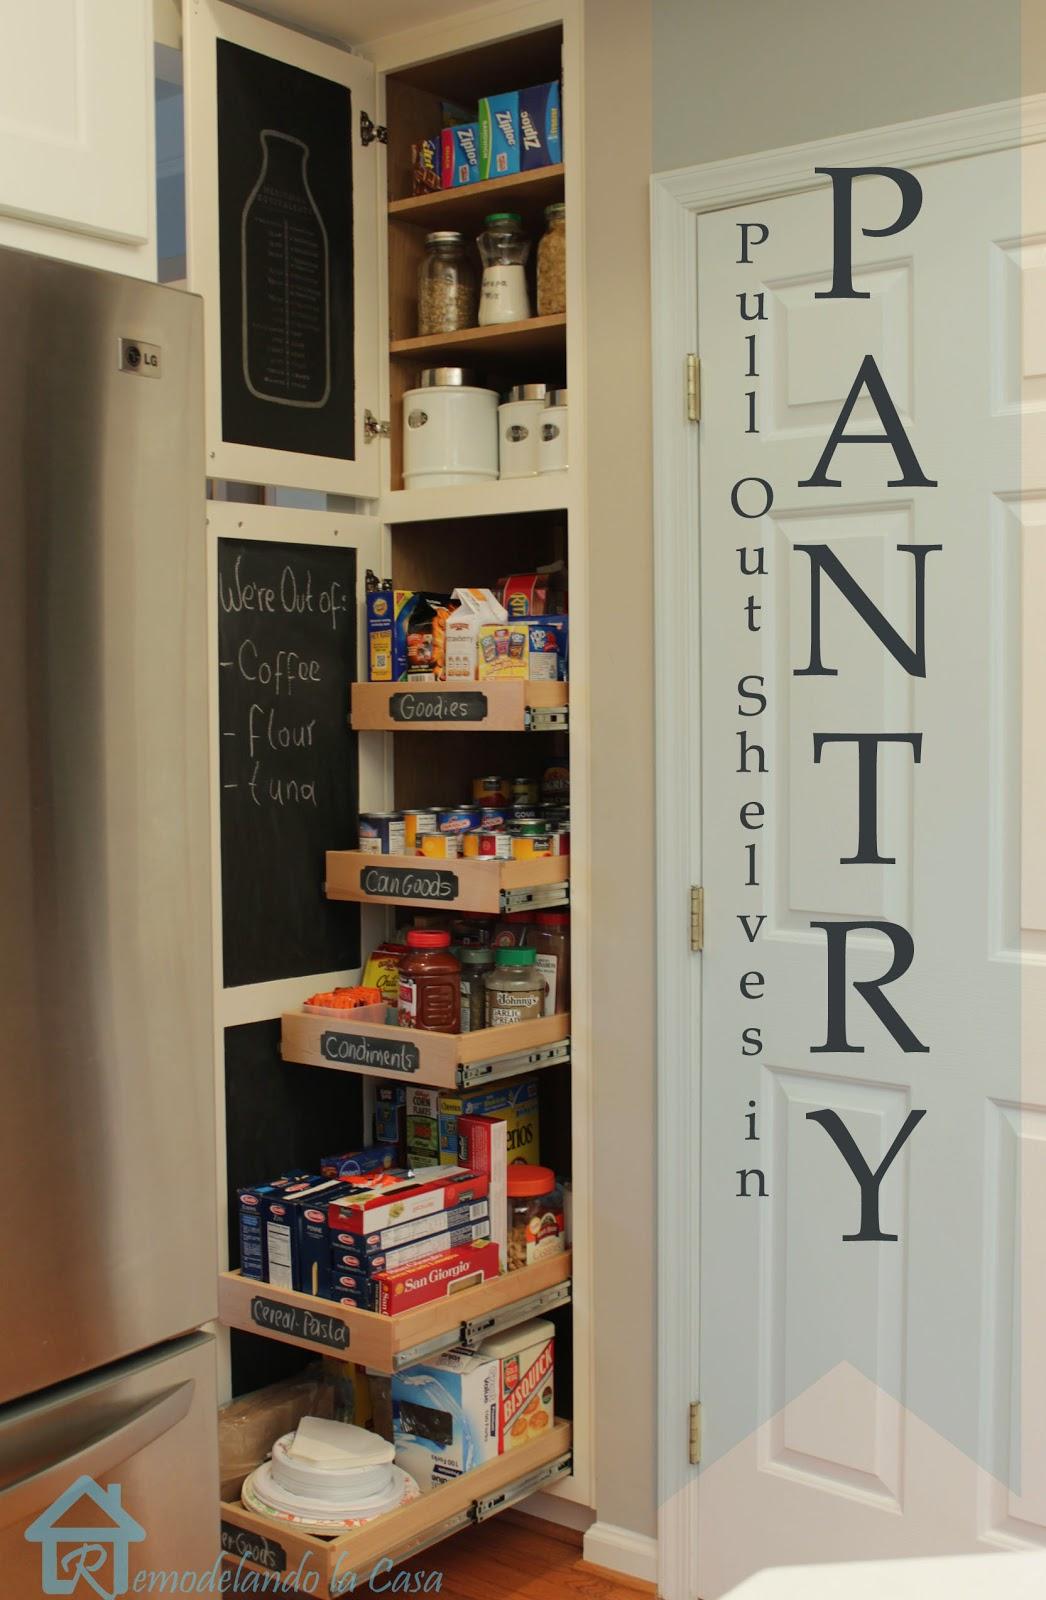 lets get organized 15 kitchen organization ideas kitchen organization ideas Pantry Organization